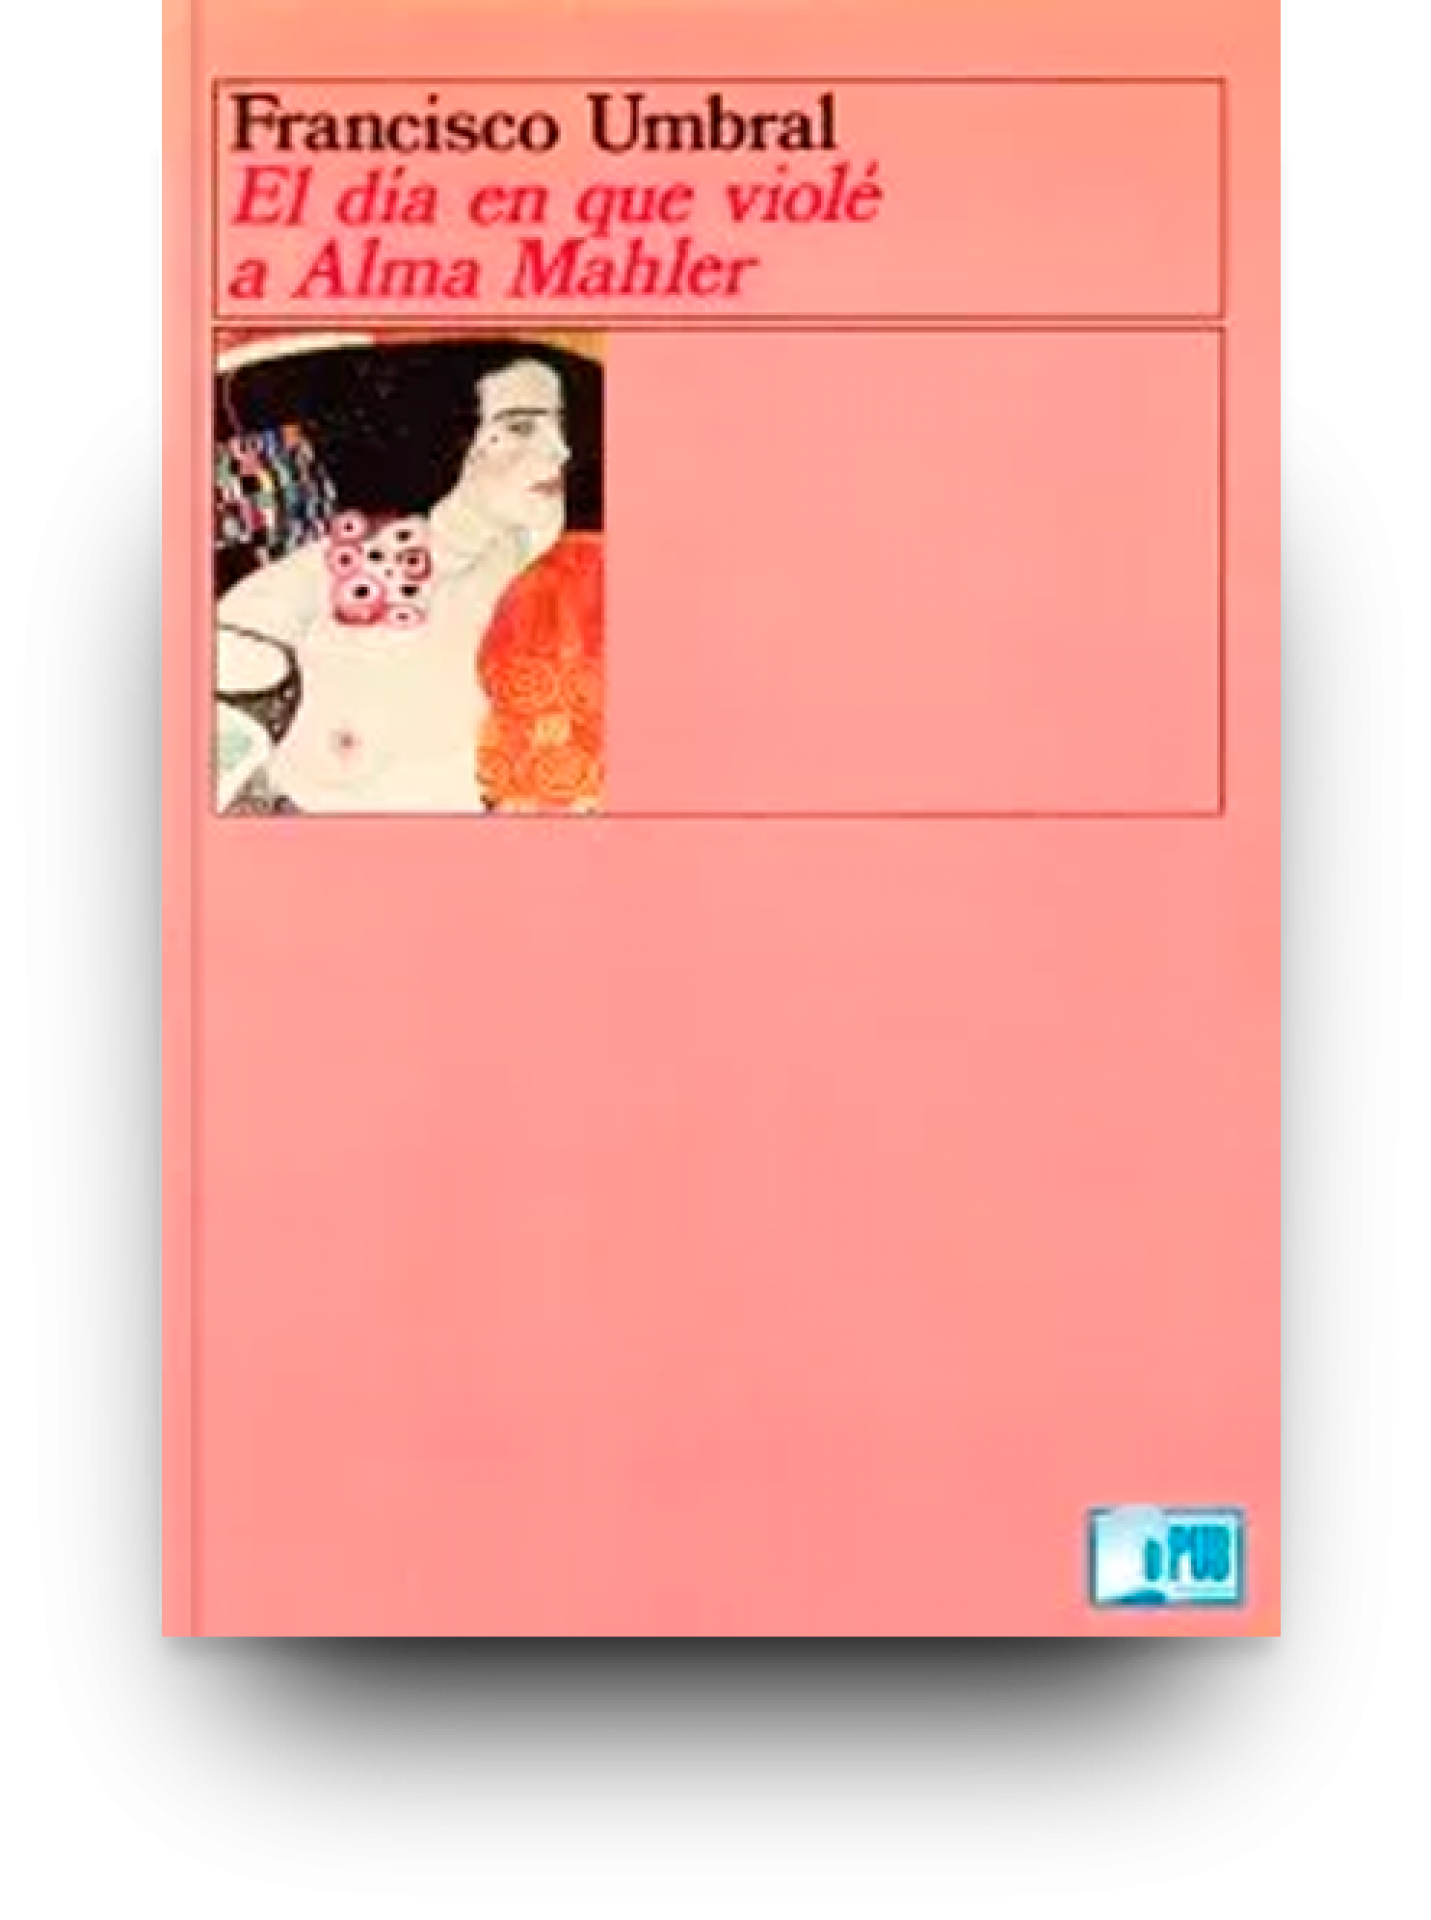 El día que violé a Alma Mahler